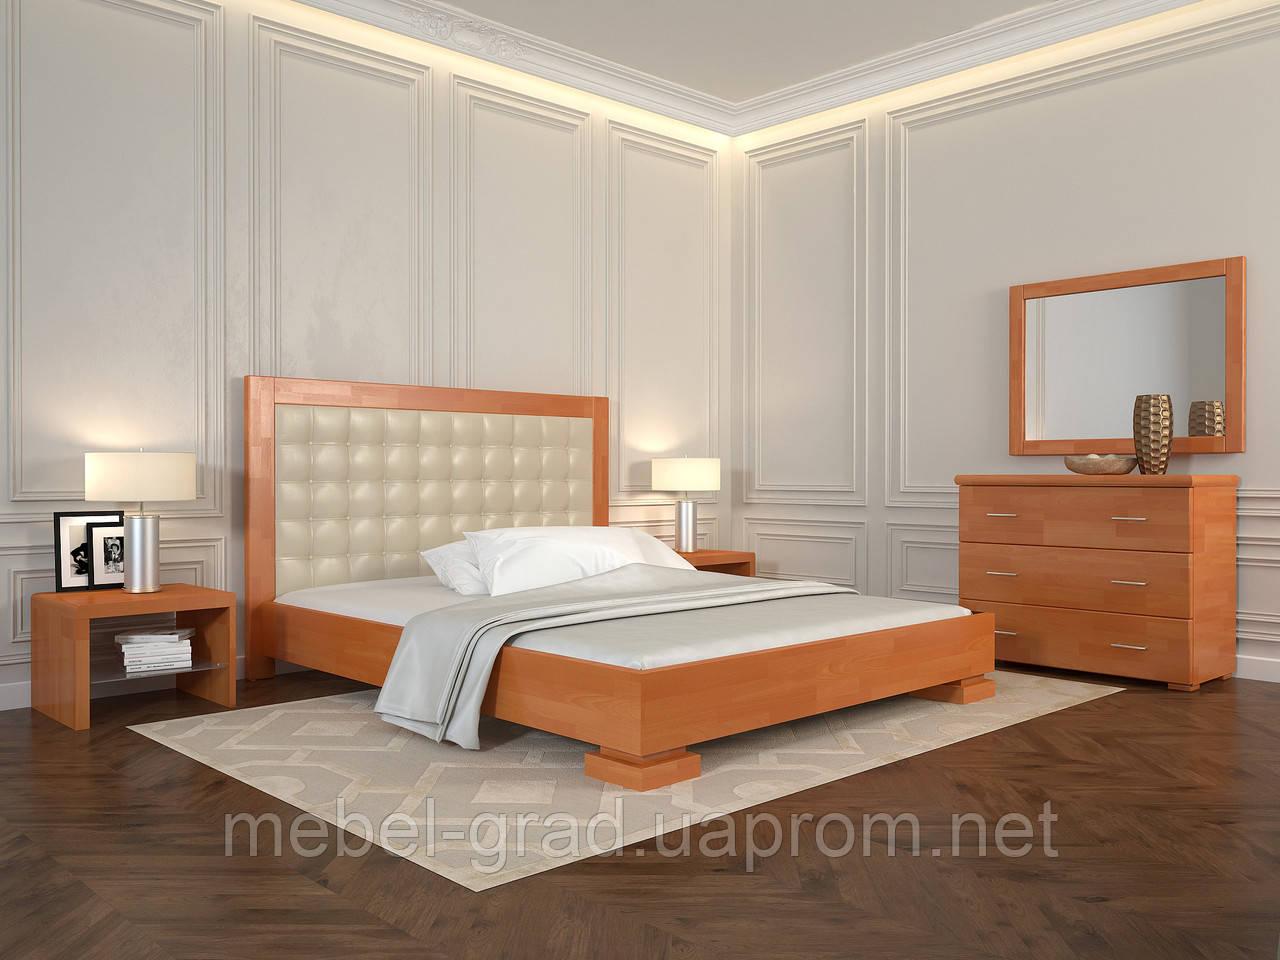 Кровать Arbordrev Подиум квадраты (180*190) бук